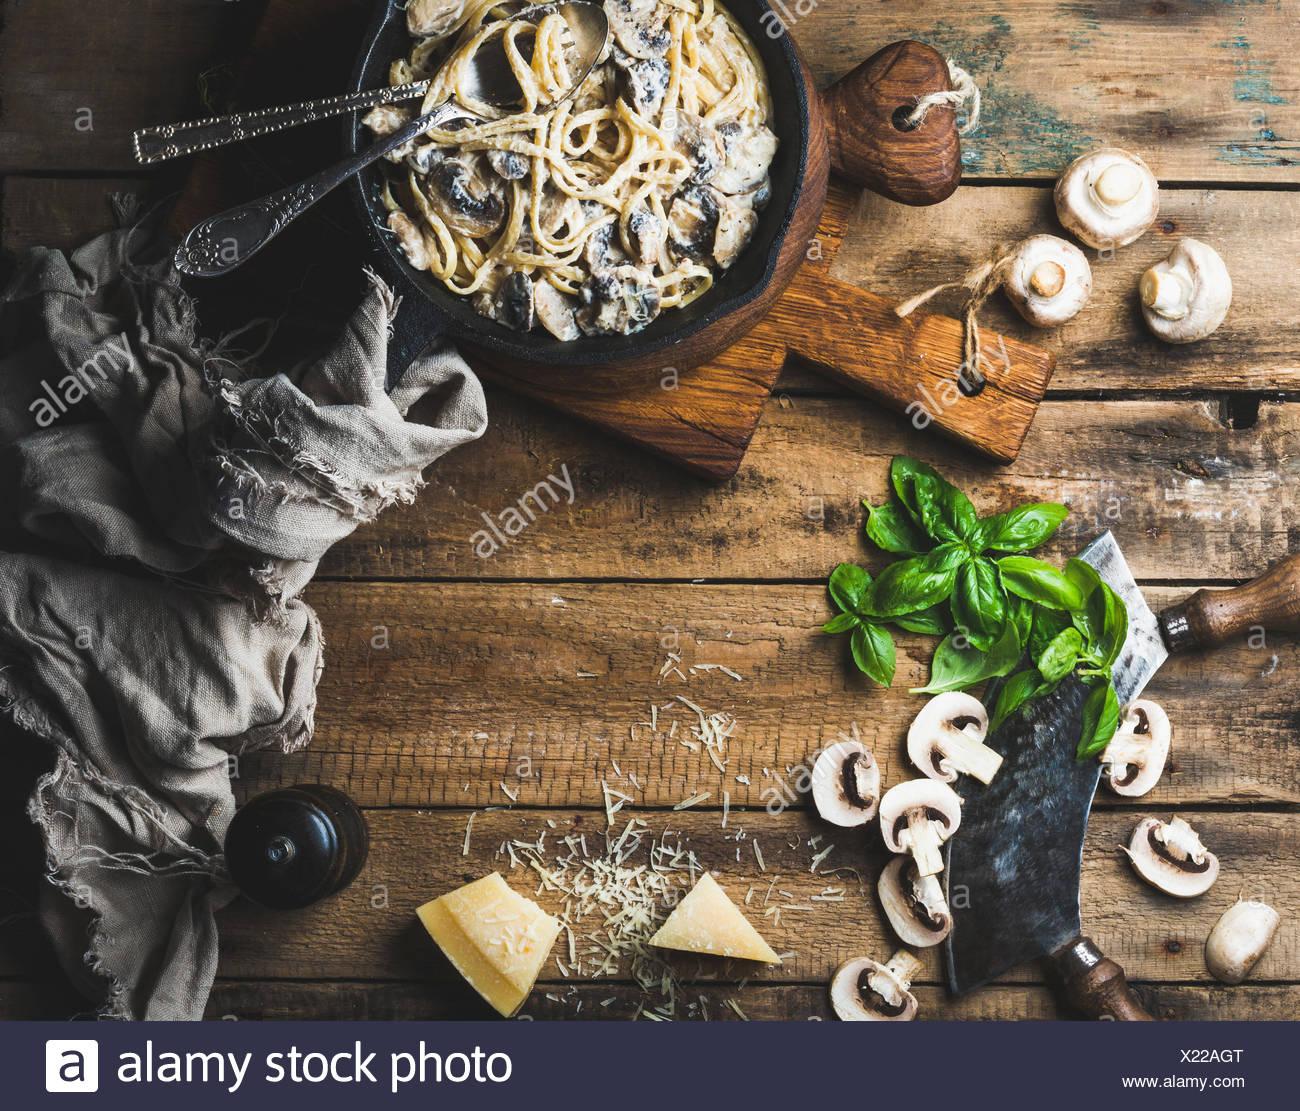 Abendessen im italienischen Stil mit Textfreiraum. Cremige Champignon Nudeln Spaghetti in Gusseisen Pfanne mit Parmesan-Käse, frischem Basilikum und pep Stockbild